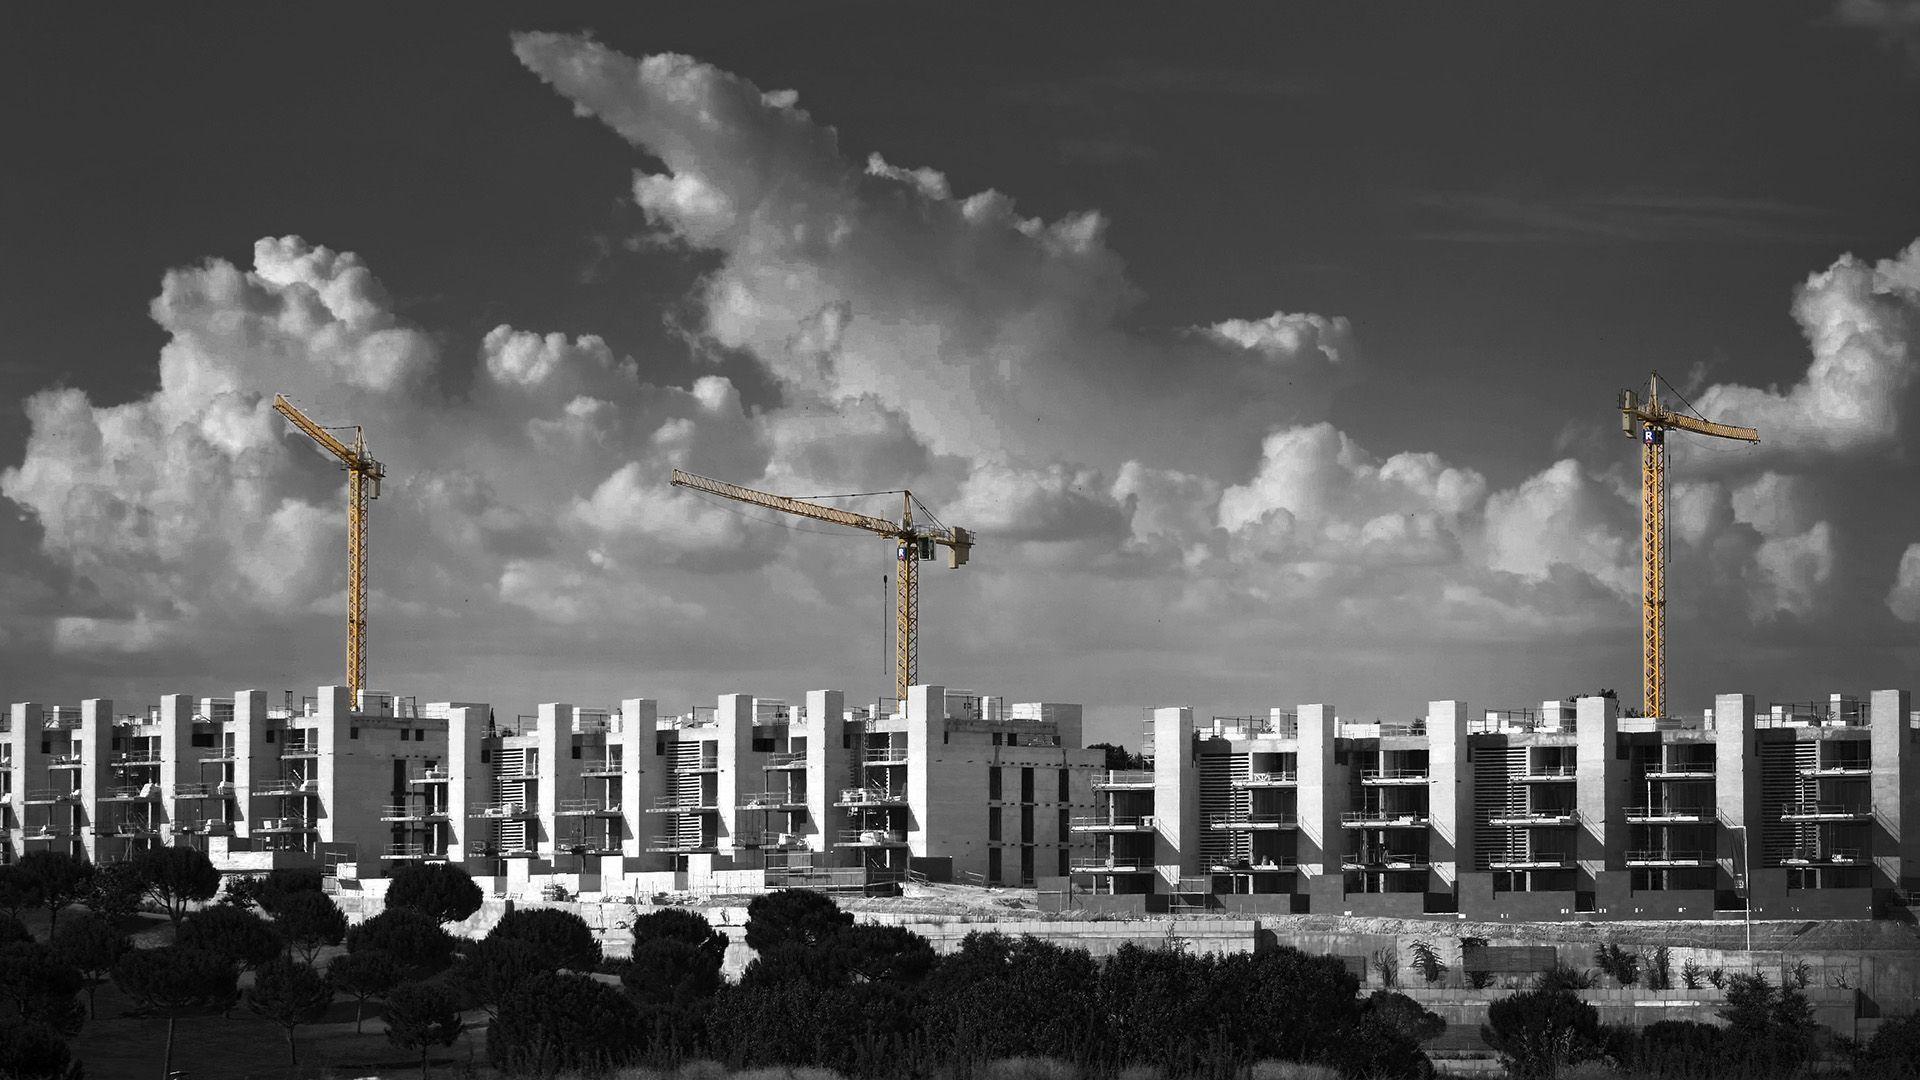 Paisaje de edificios con grúas de construcción